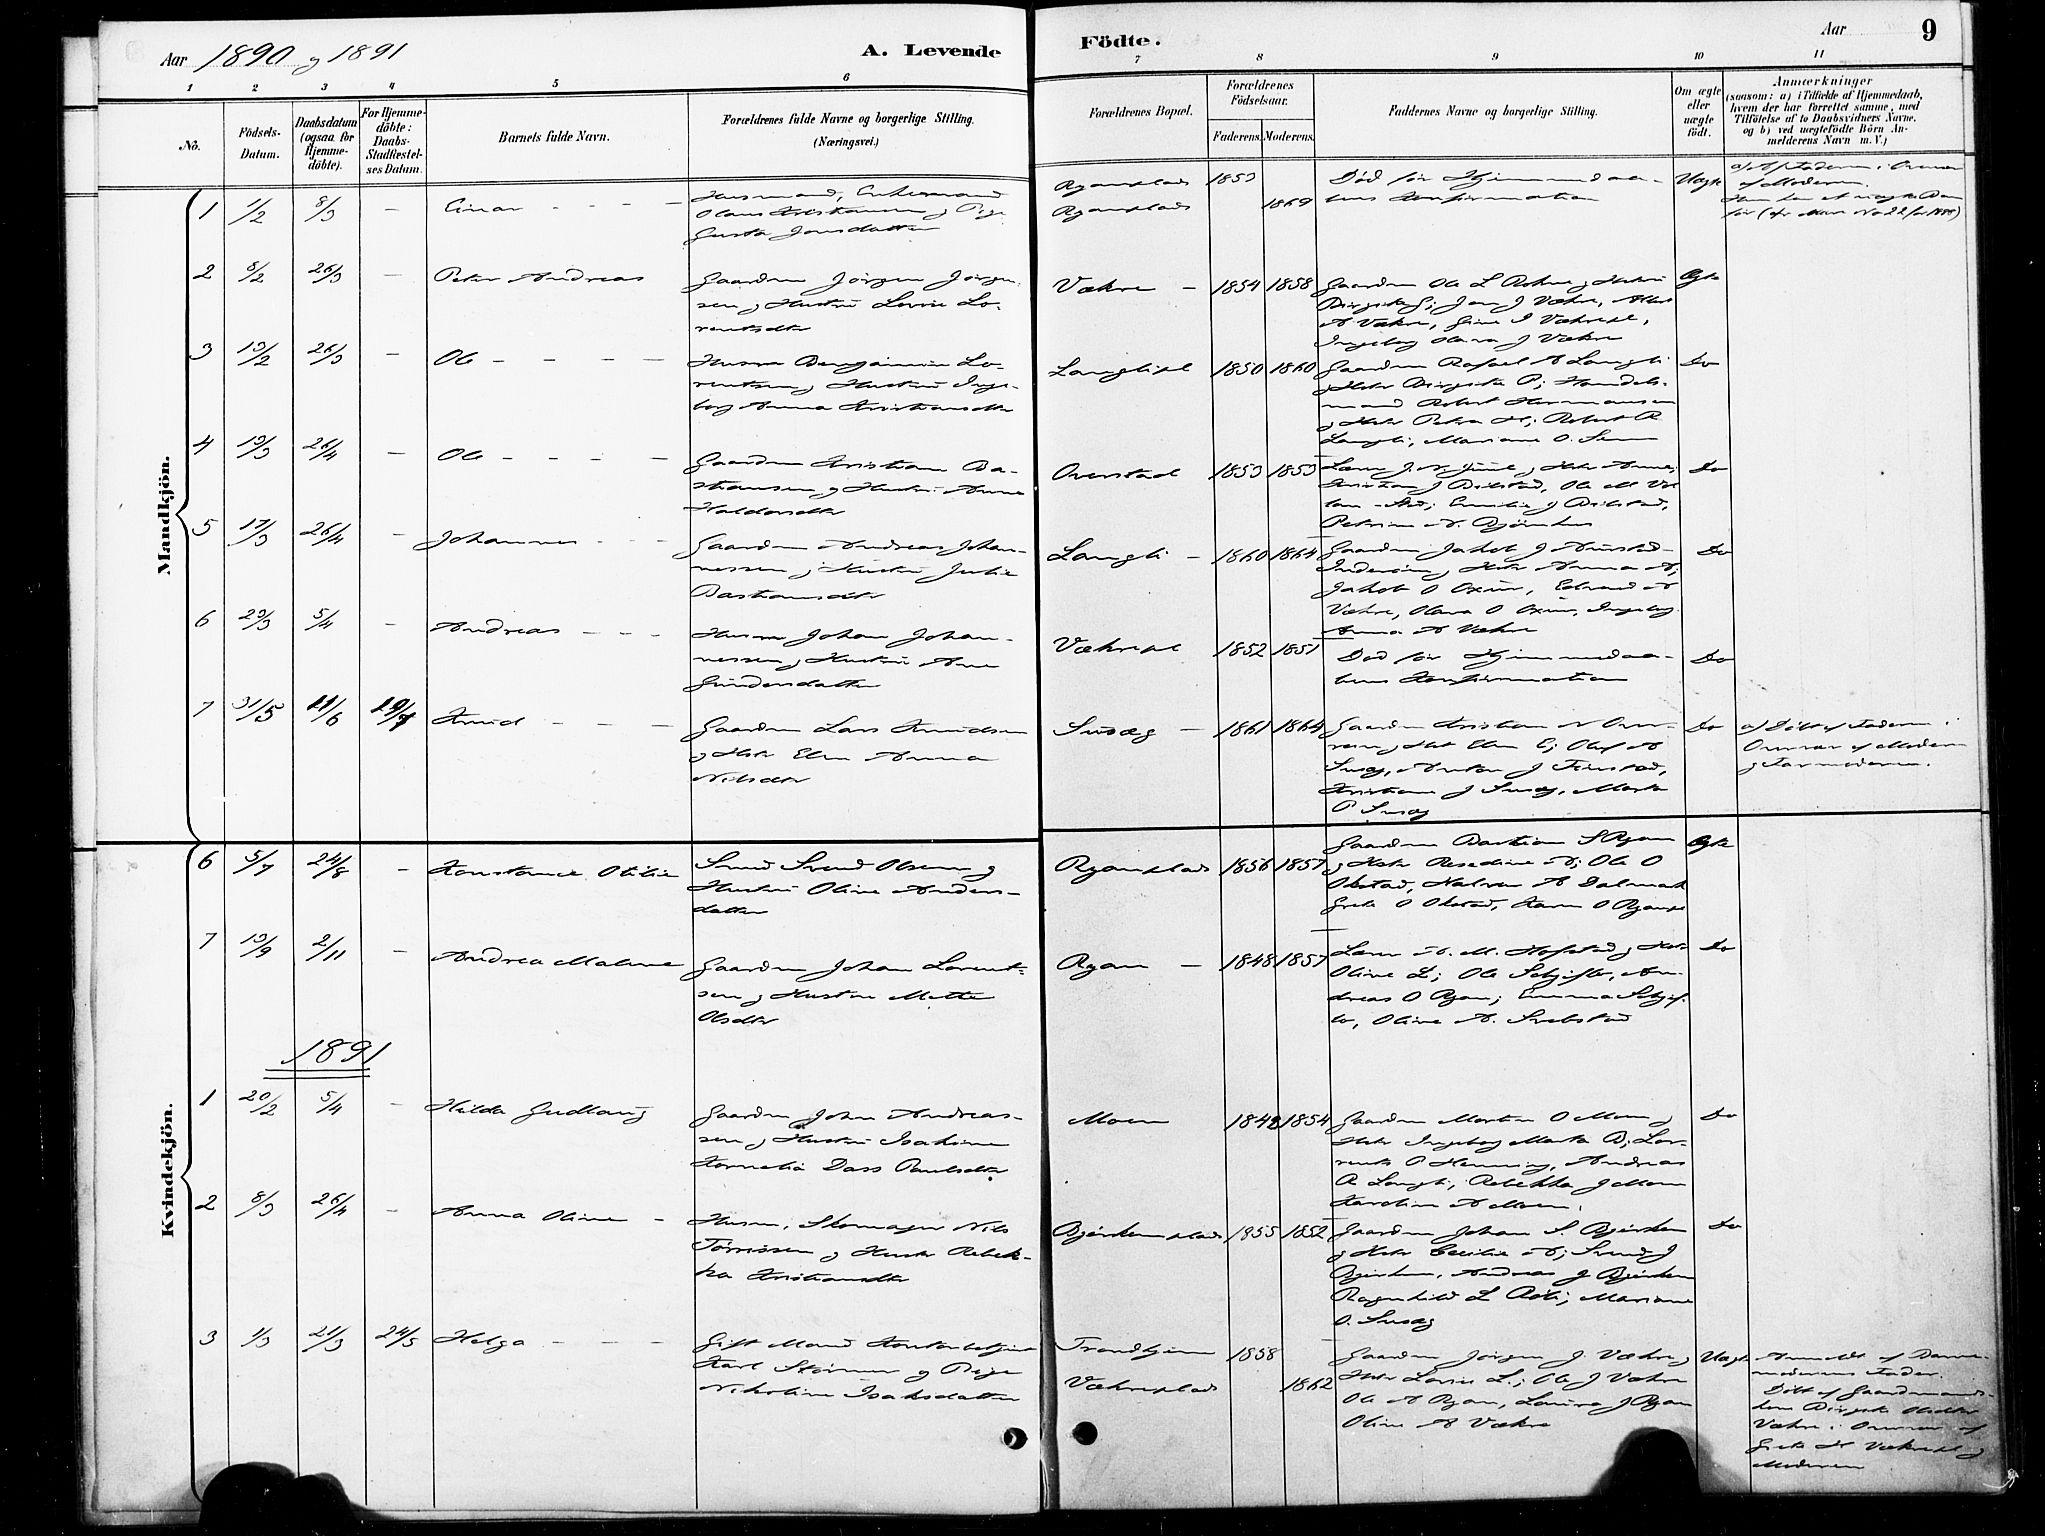 SAT, Ministerialprotokoller, klokkerbøker og fødselsregistre - Nord-Trøndelag, 738/L0364: Ministerialbok nr. 738A01, 1884-1902, s. 9